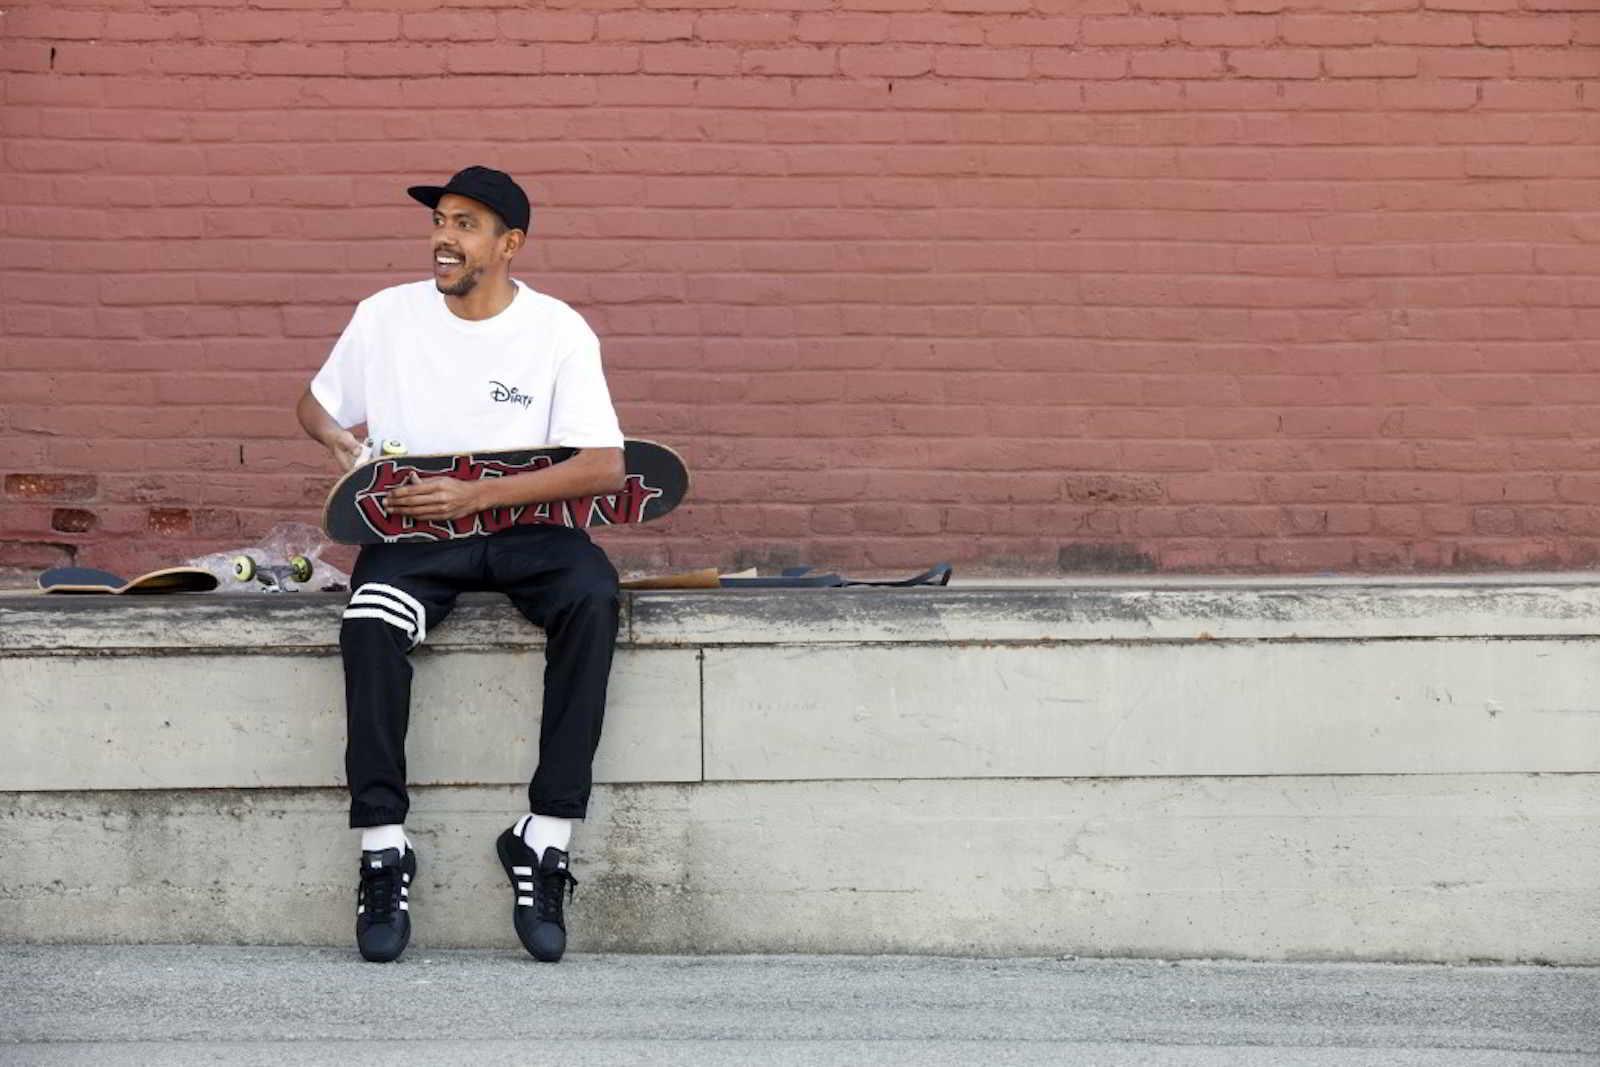 Rodrigo Teixeira estrela parceria da DGK com adidas Skateboarding